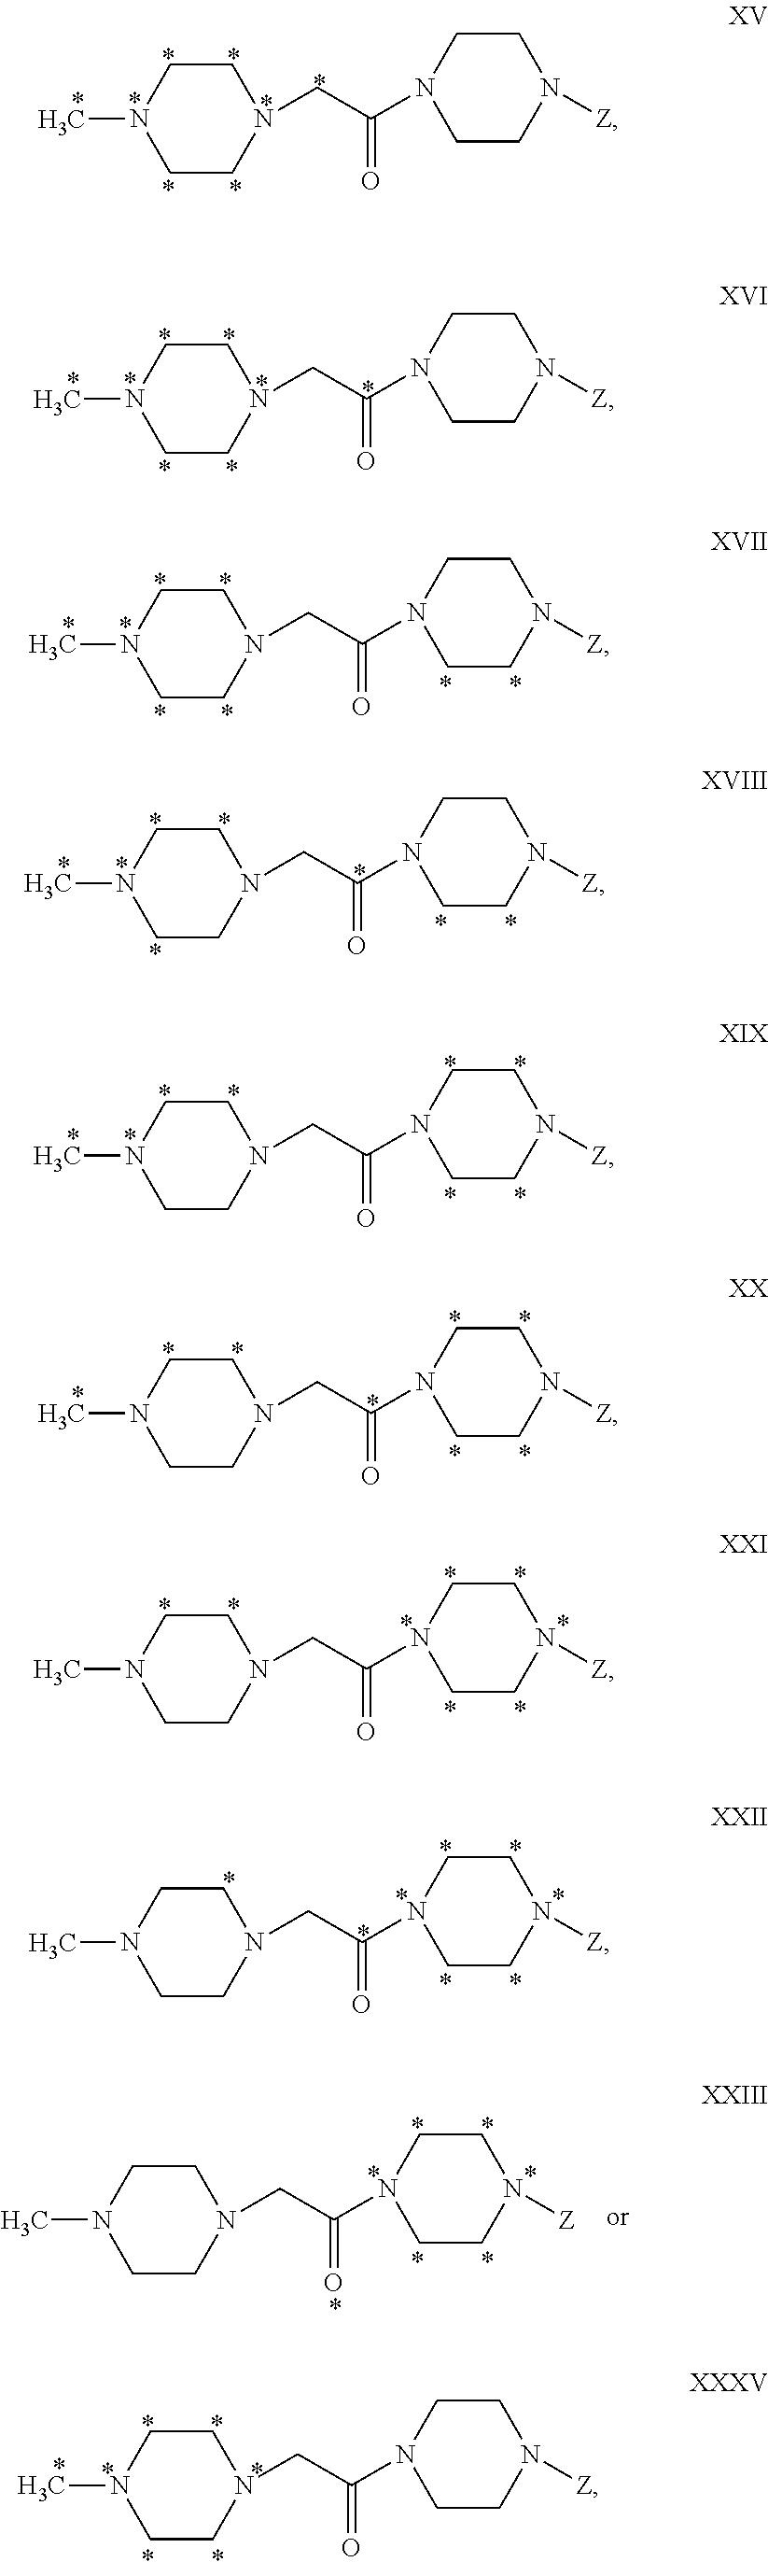 Figure US08492163-20130723-C00016